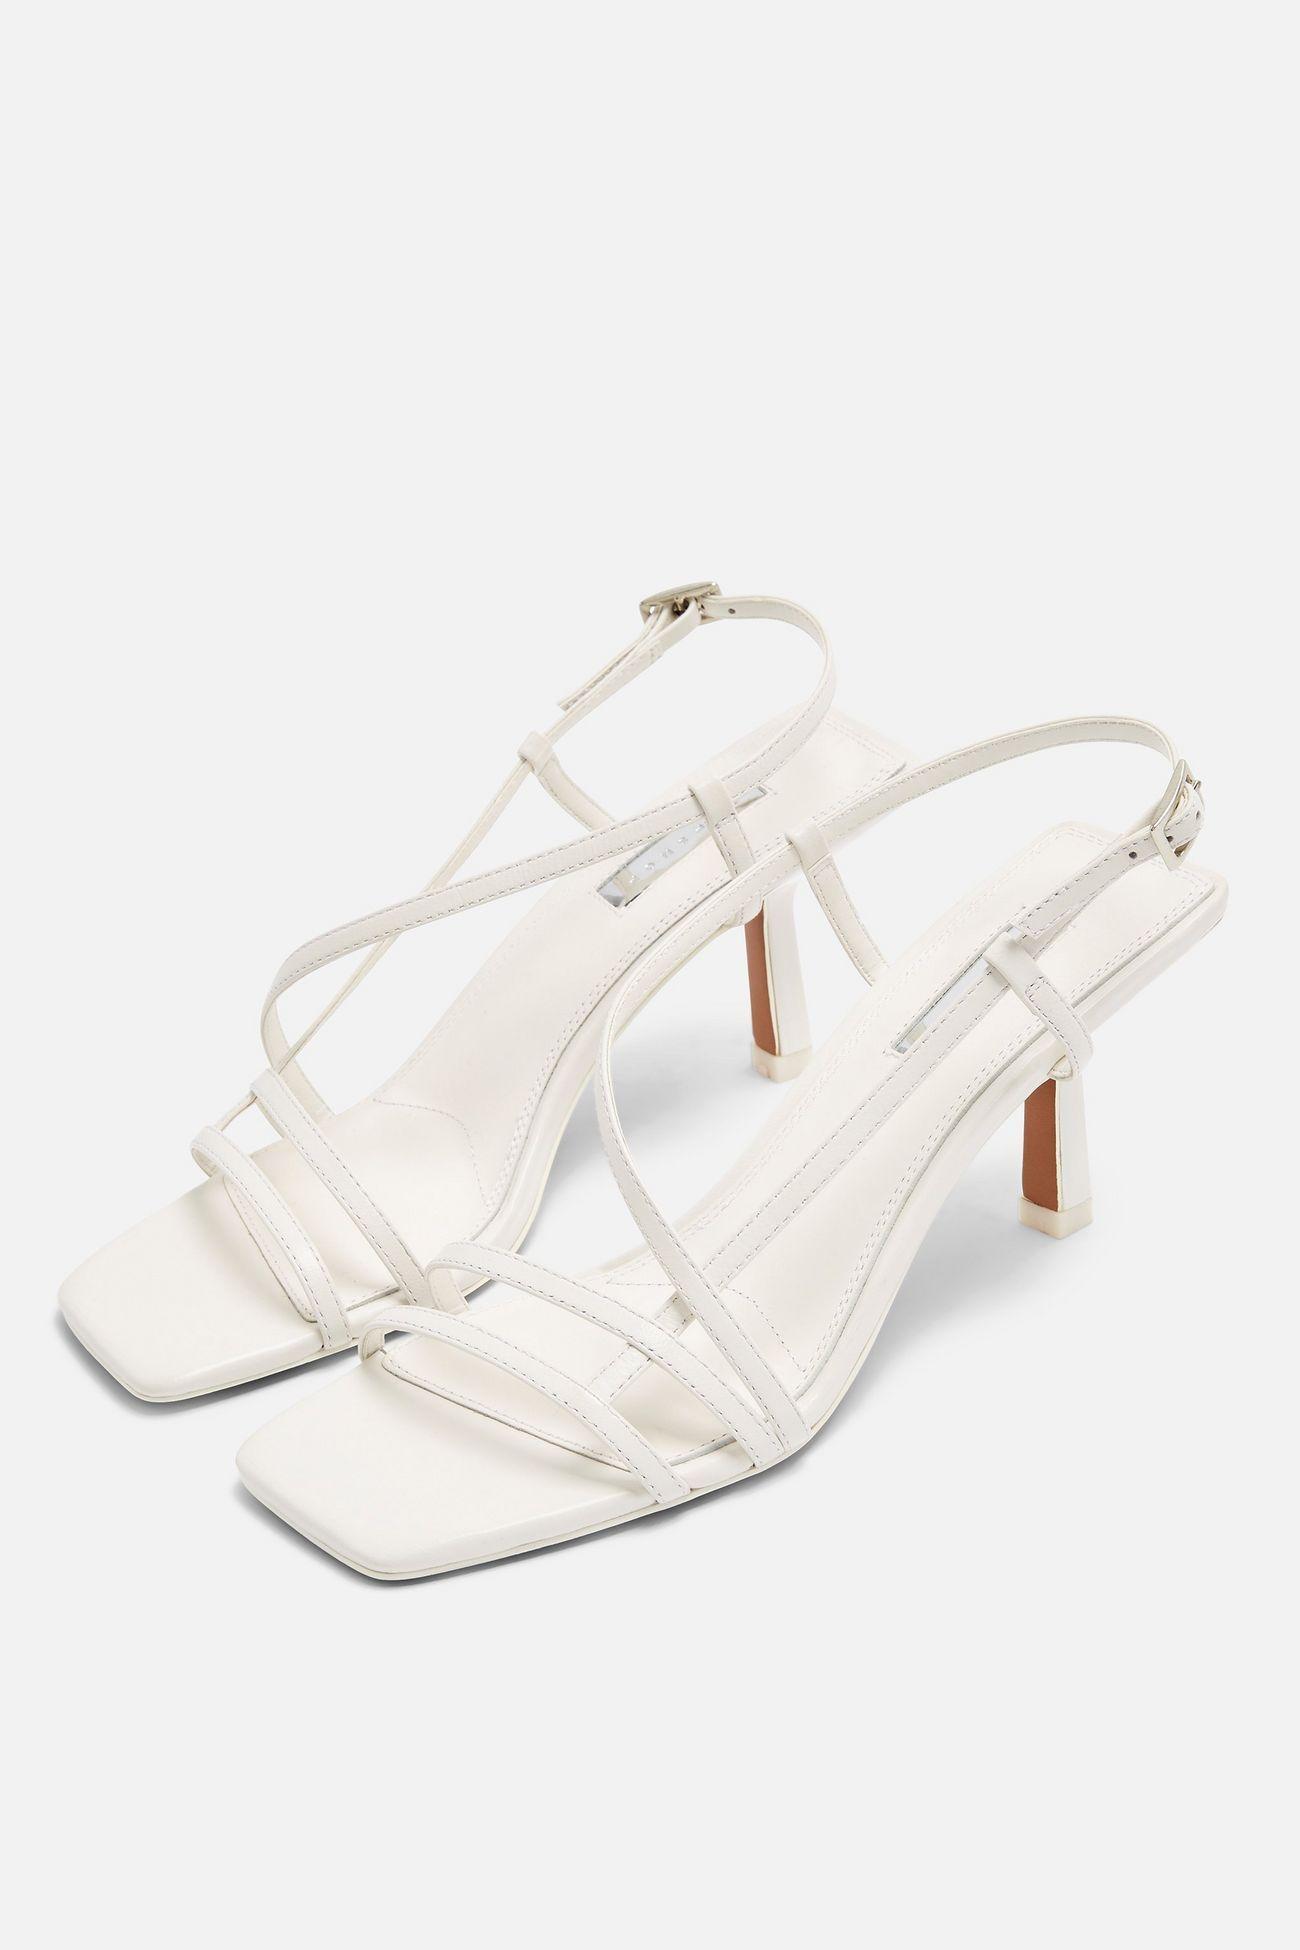 STRIPPY White Heeled Sandals   Topshop